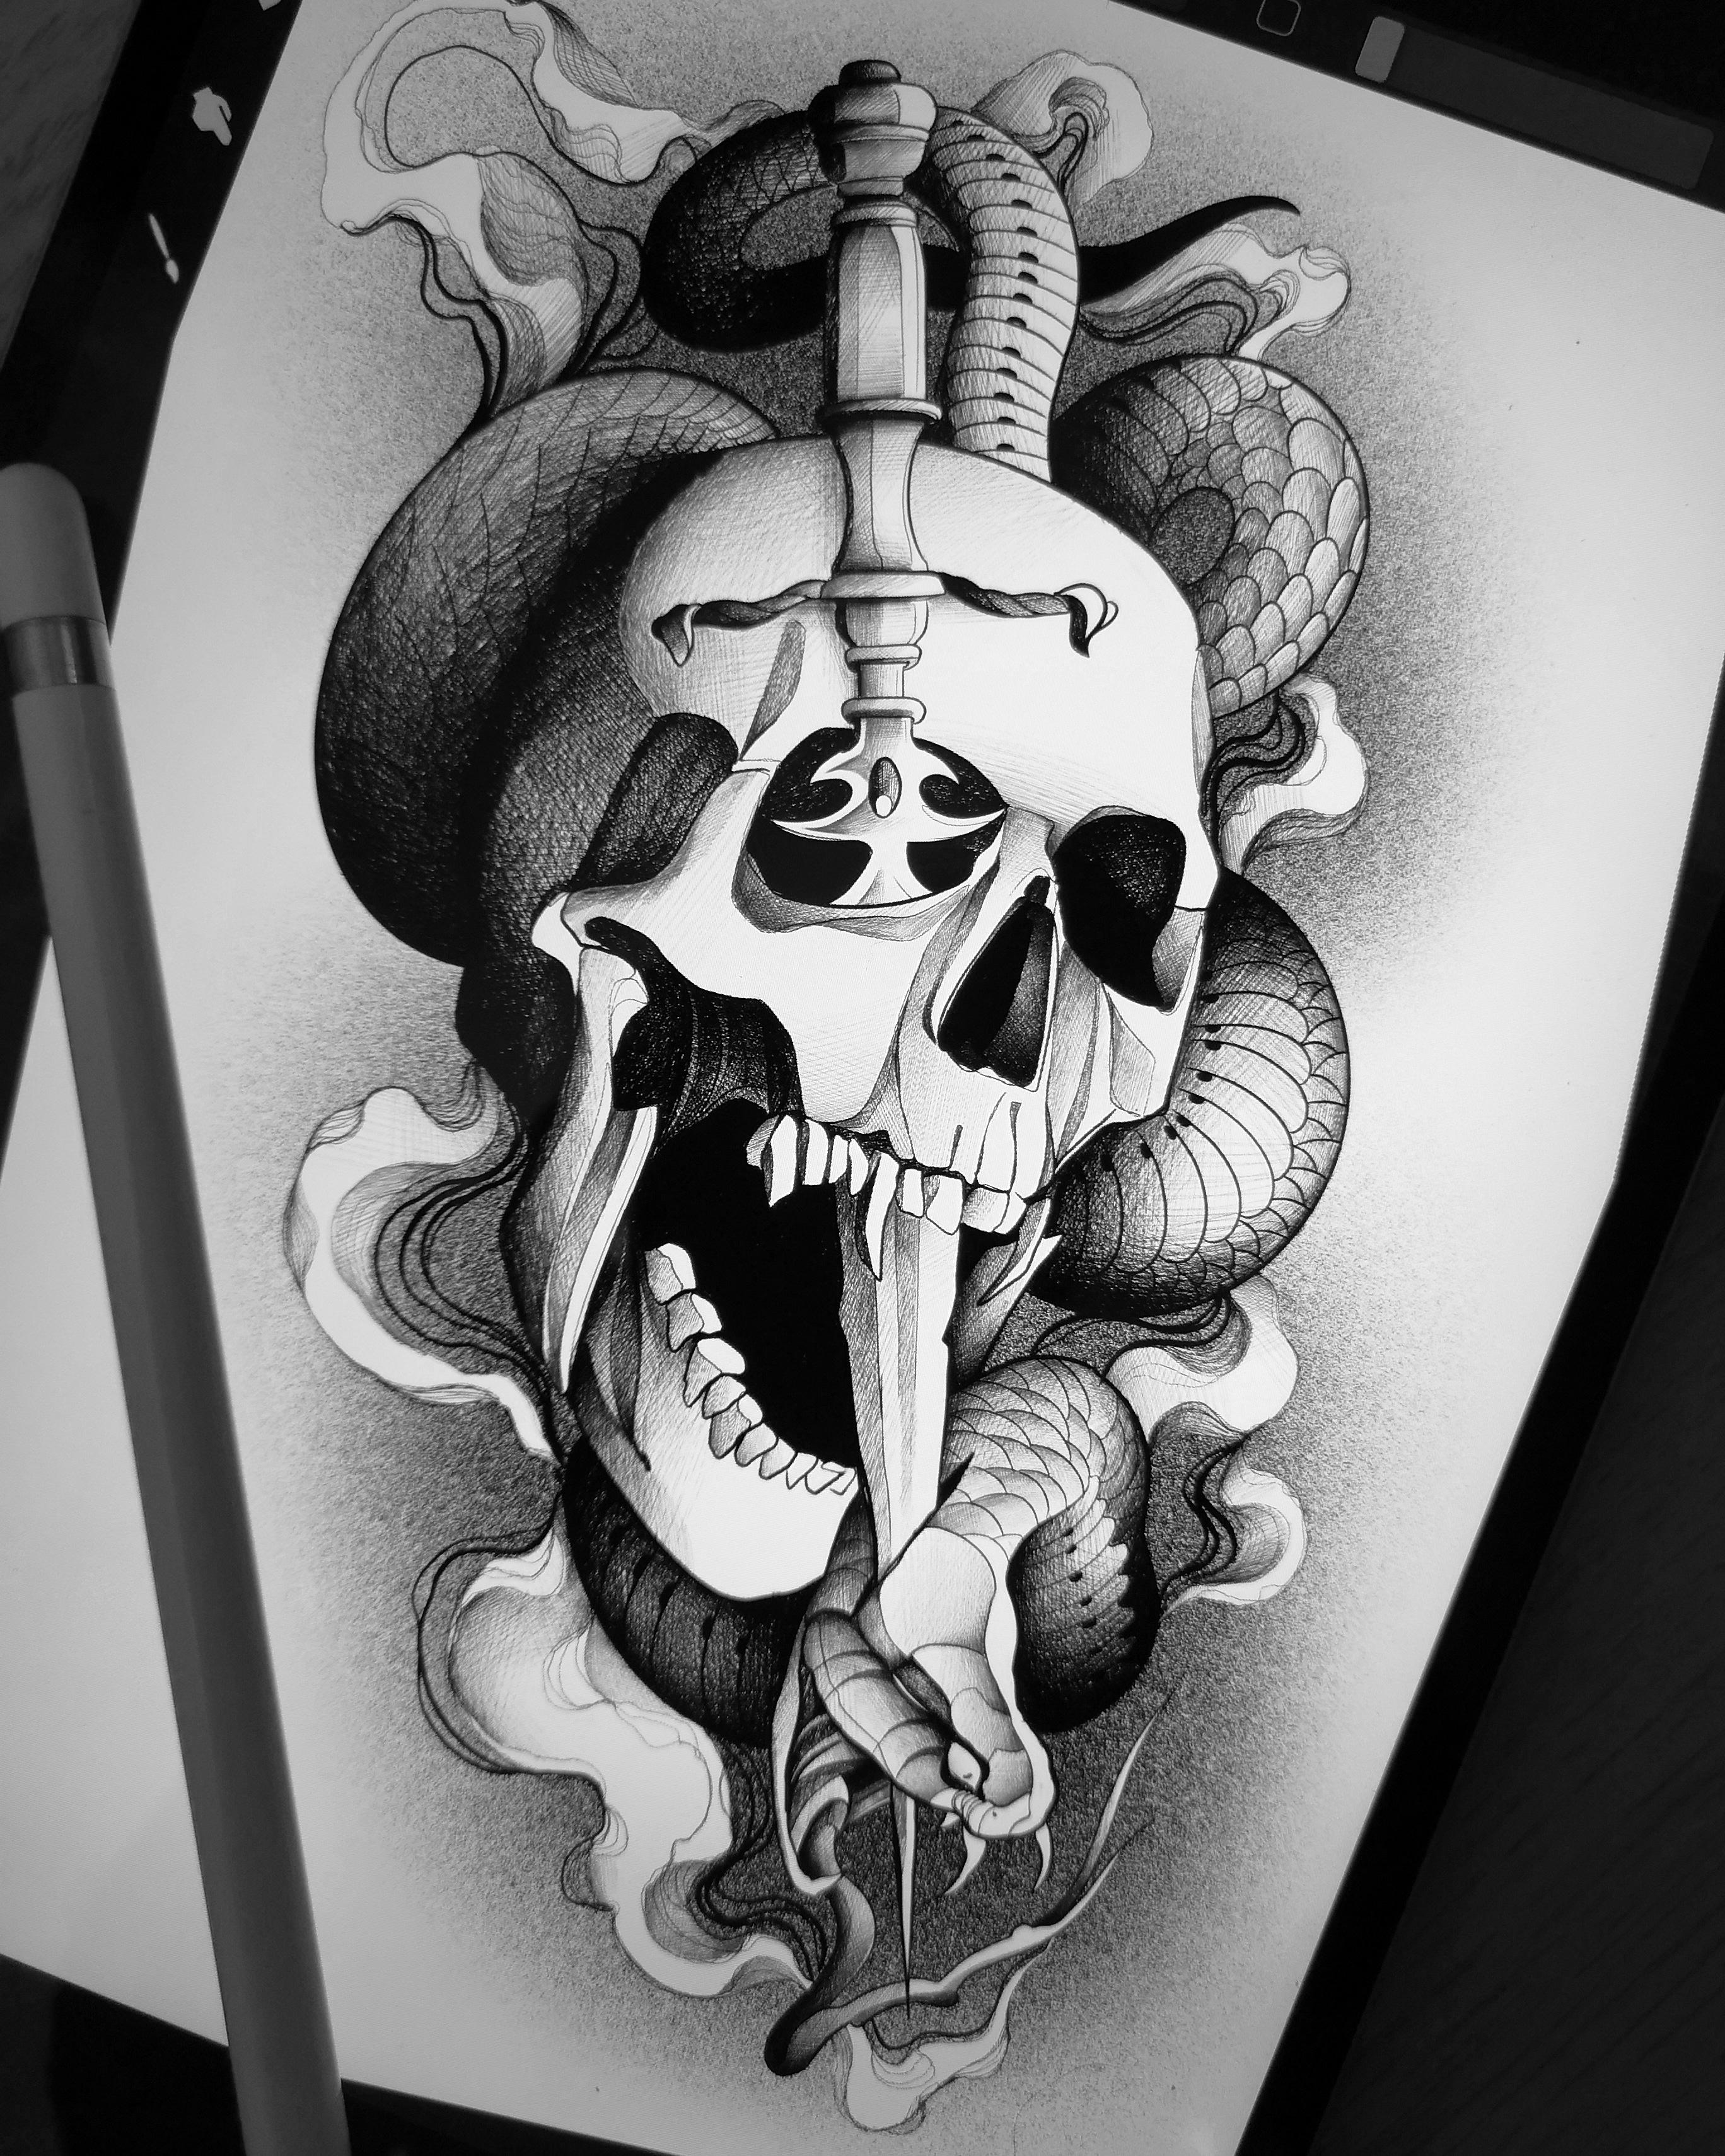 Inksearch tattoo Dawid Falkowski Tattoo